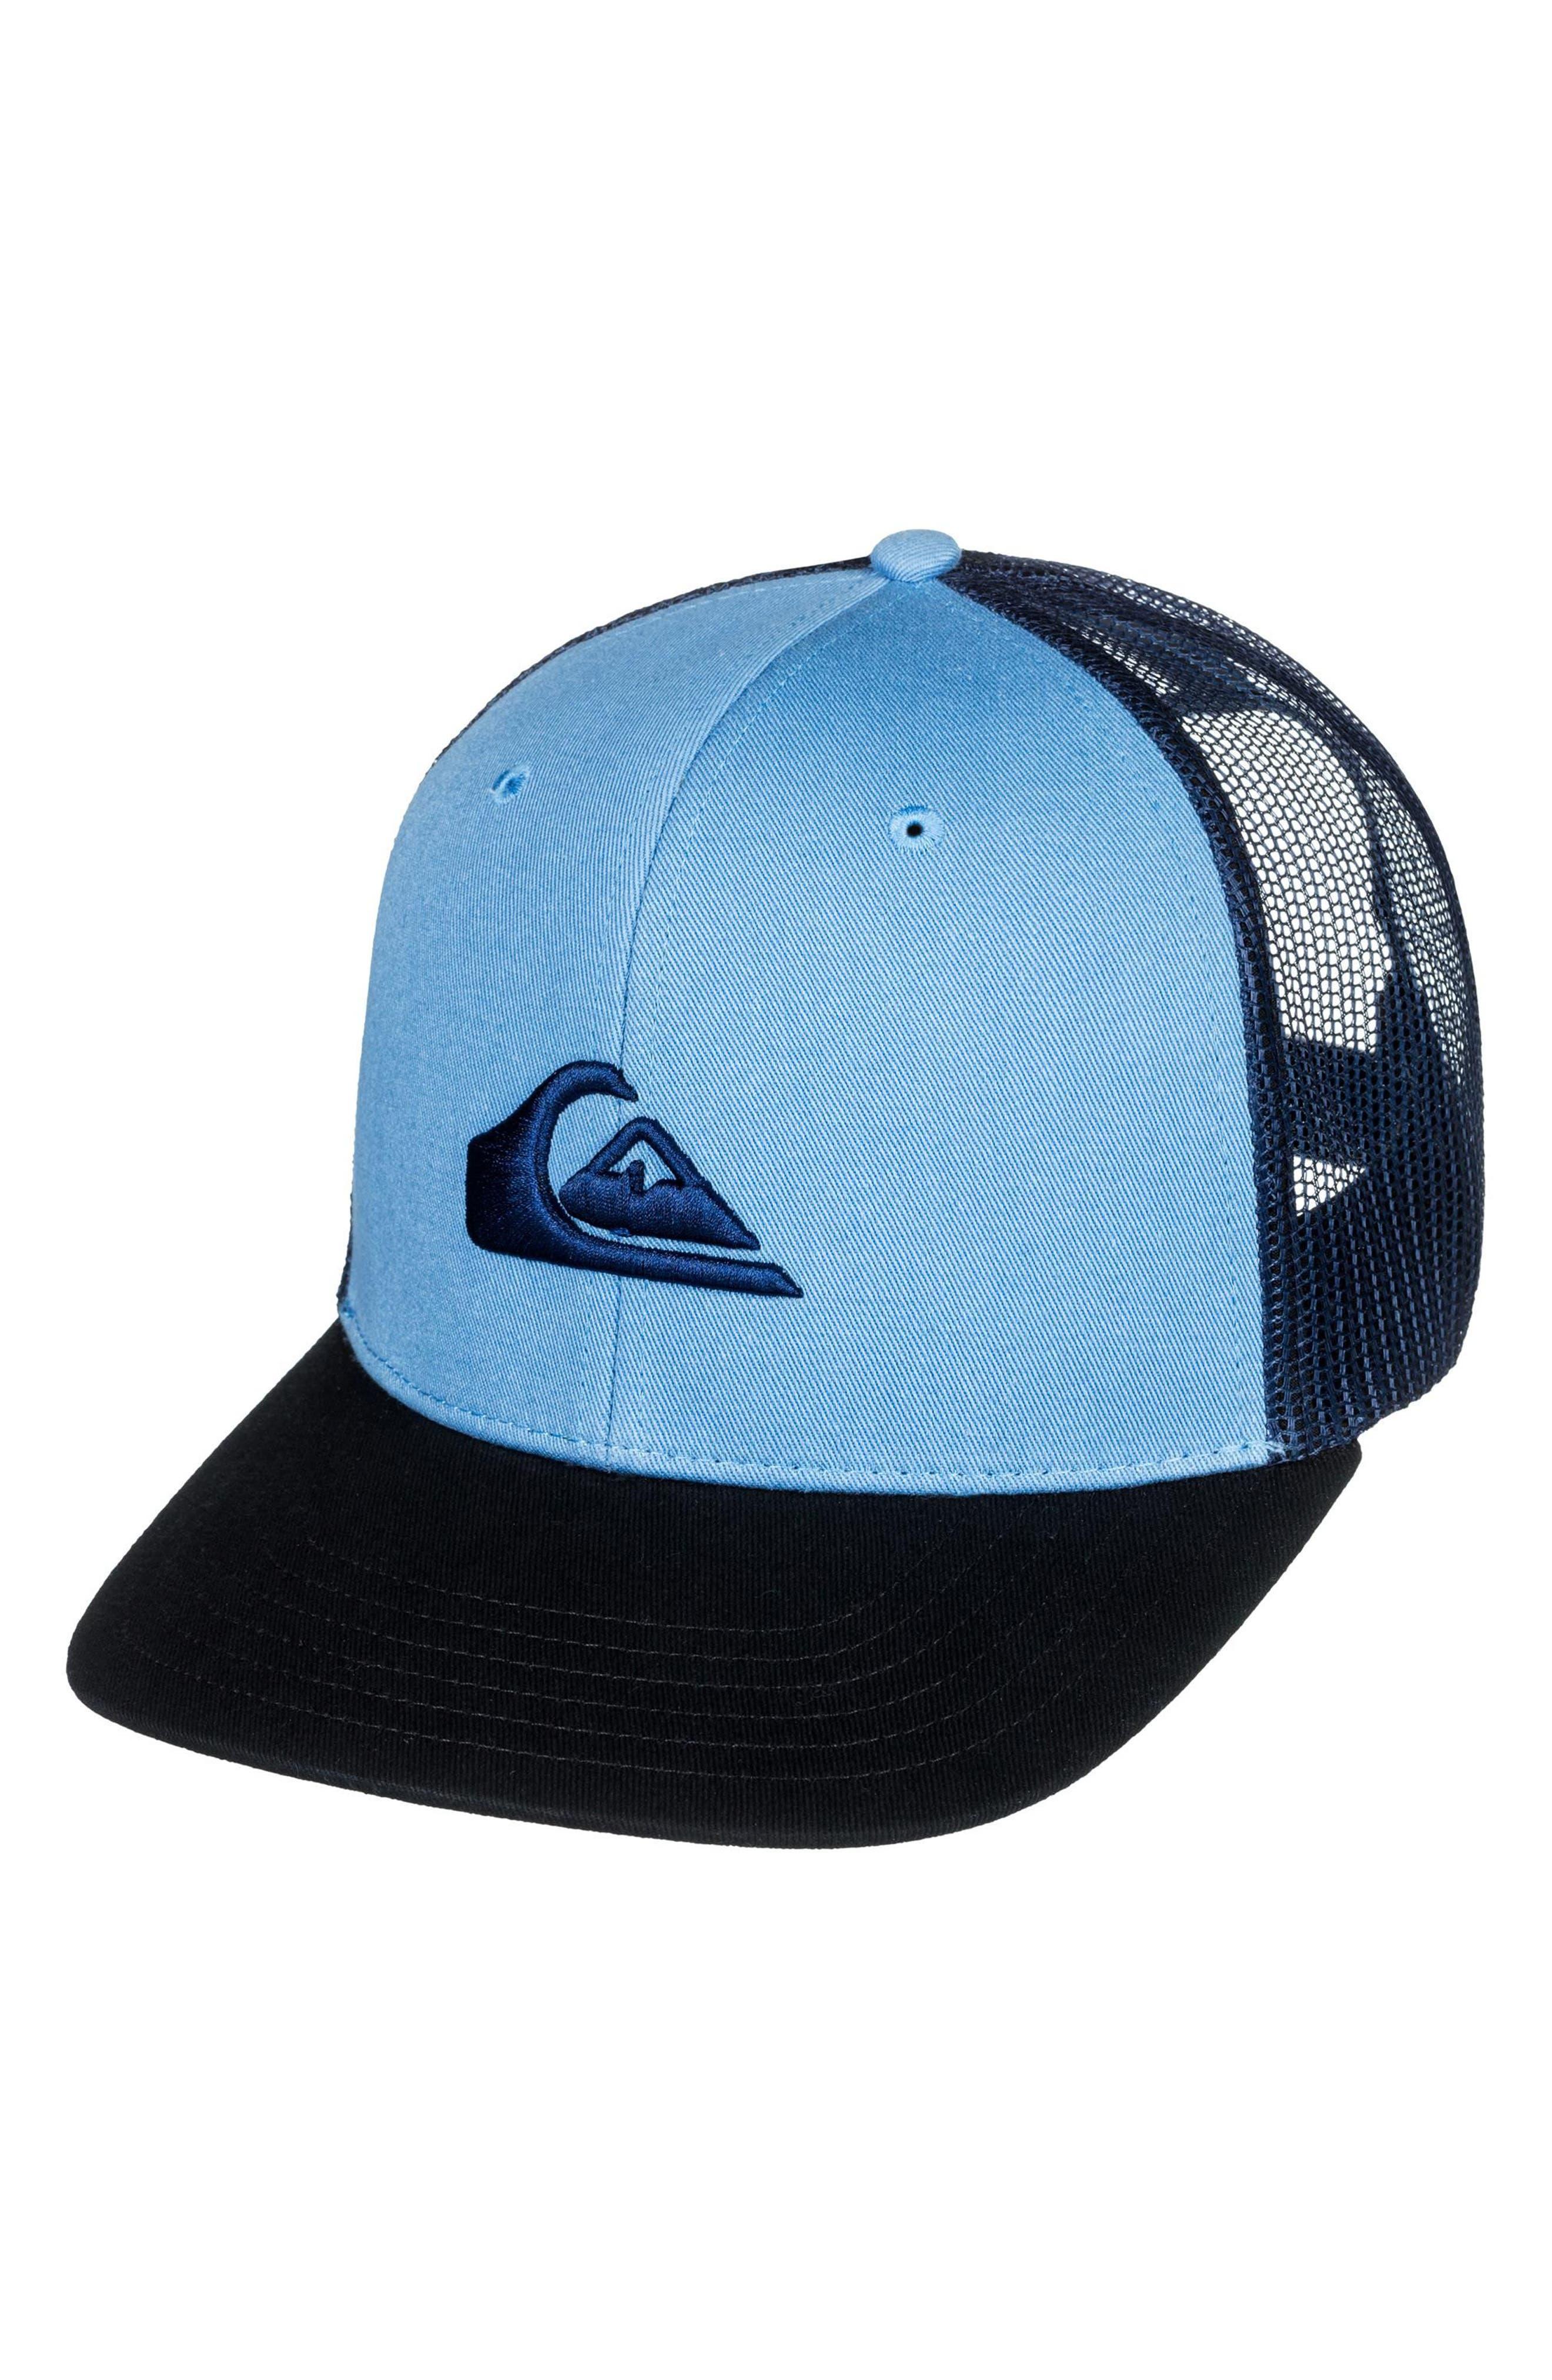 Grounder Trucker Hat,                             Main thumbnail 1, color,                             Dusk Blue